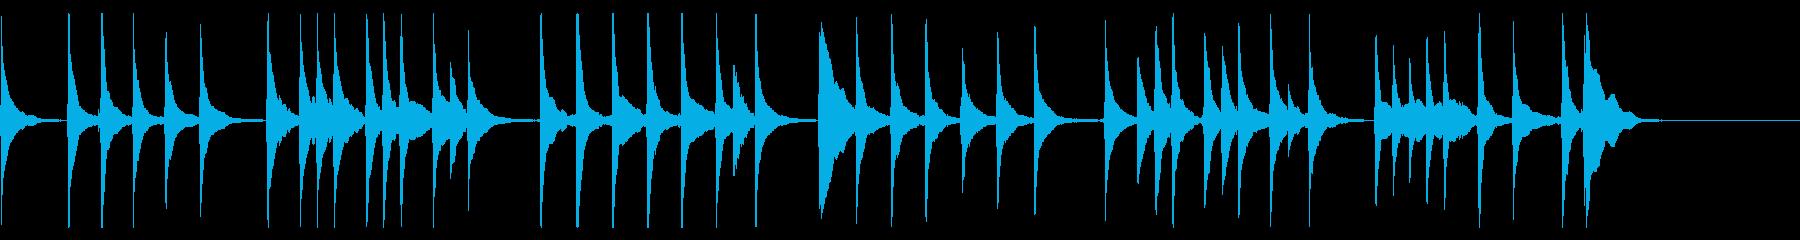 三味線の「かごめかごめ」の再生済みの波形